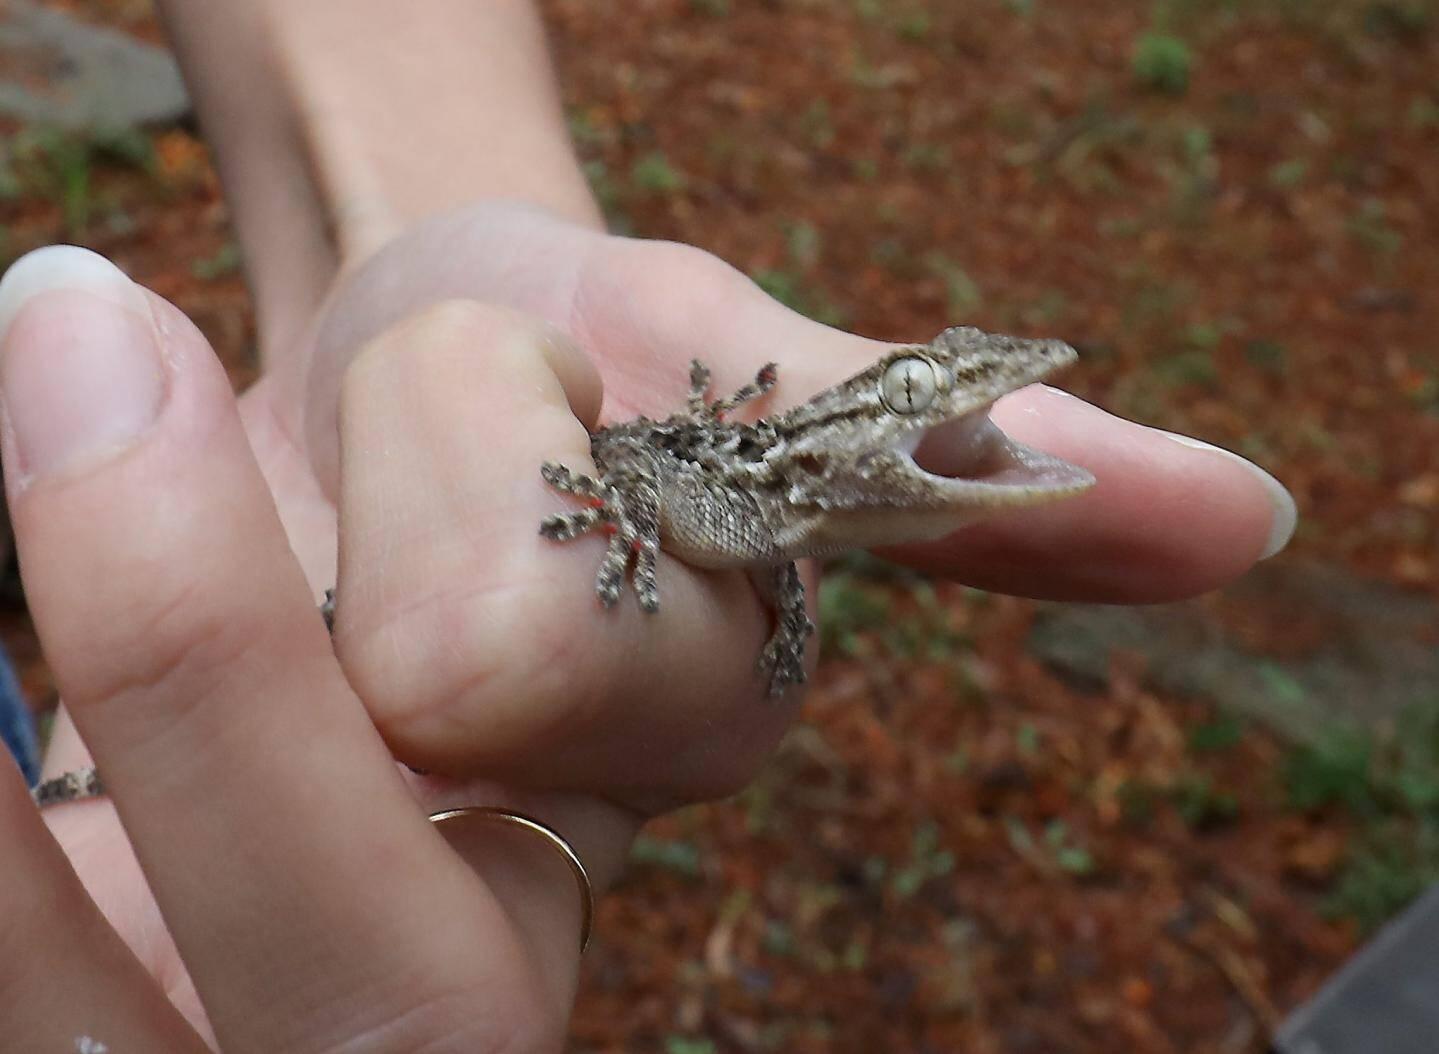 Les reptiles ont besoin de chaleur, construisez-leur un abri fait de pierres.